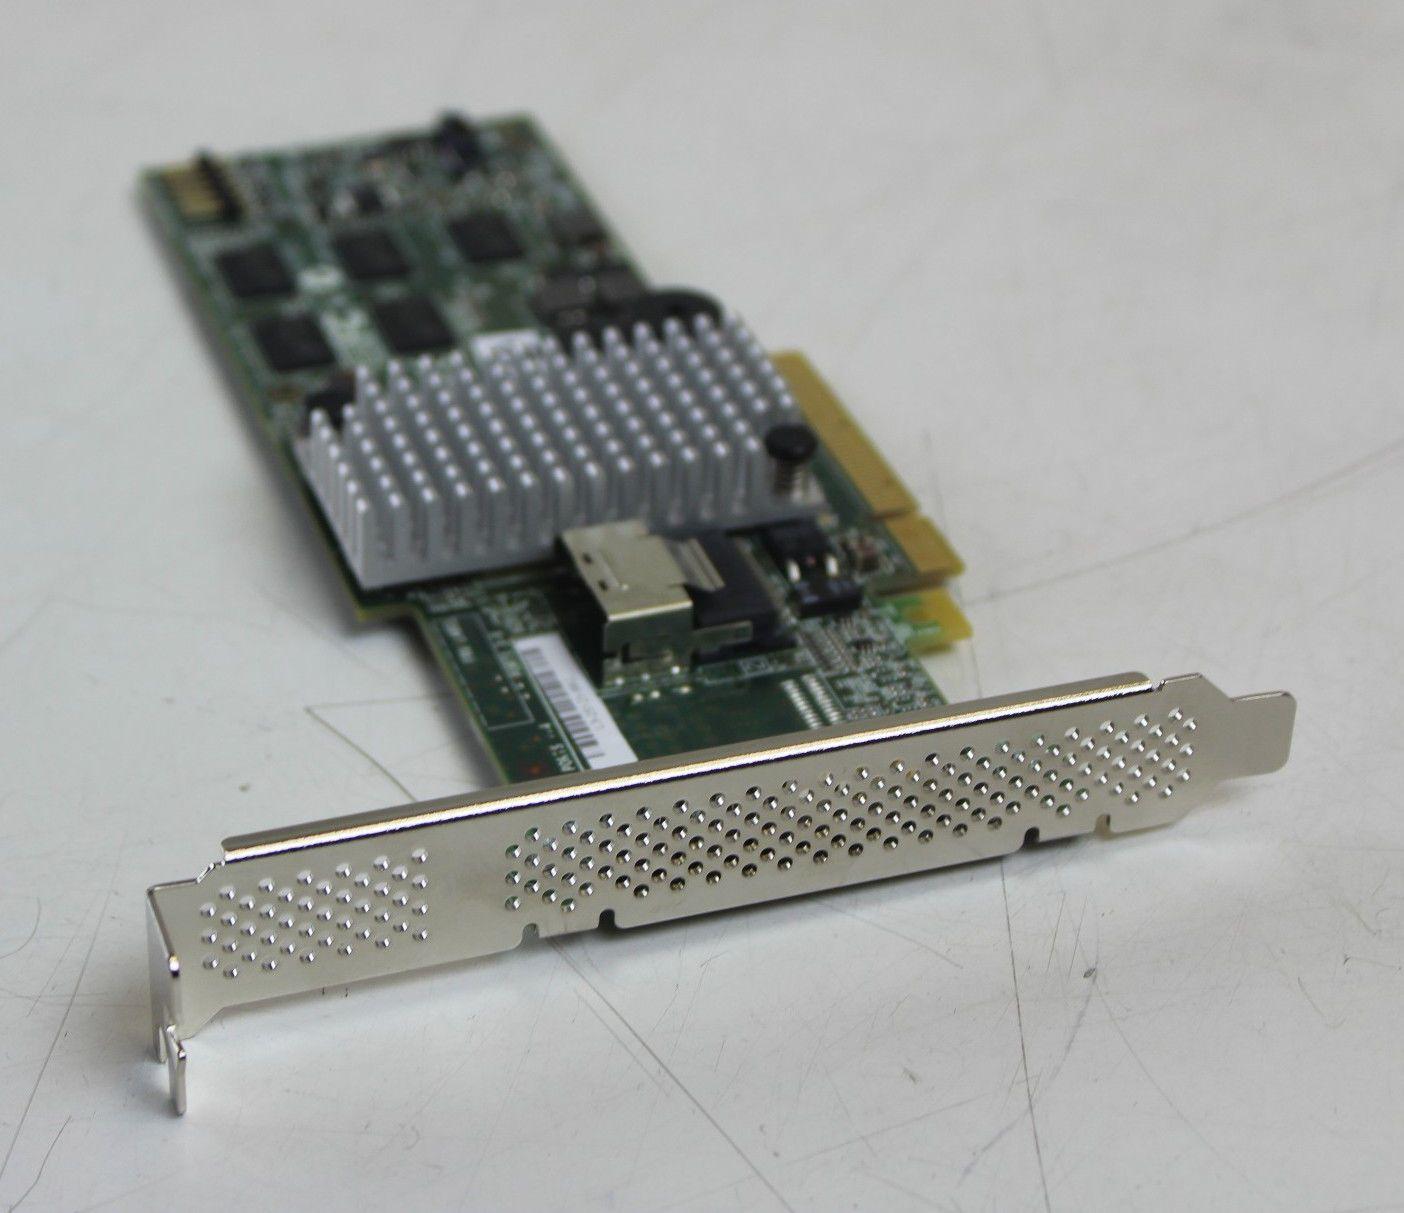 Промышленная материнская плата SAS 9260-4I 6 Гб Sas Array Card 100% проверена на идеальное качество